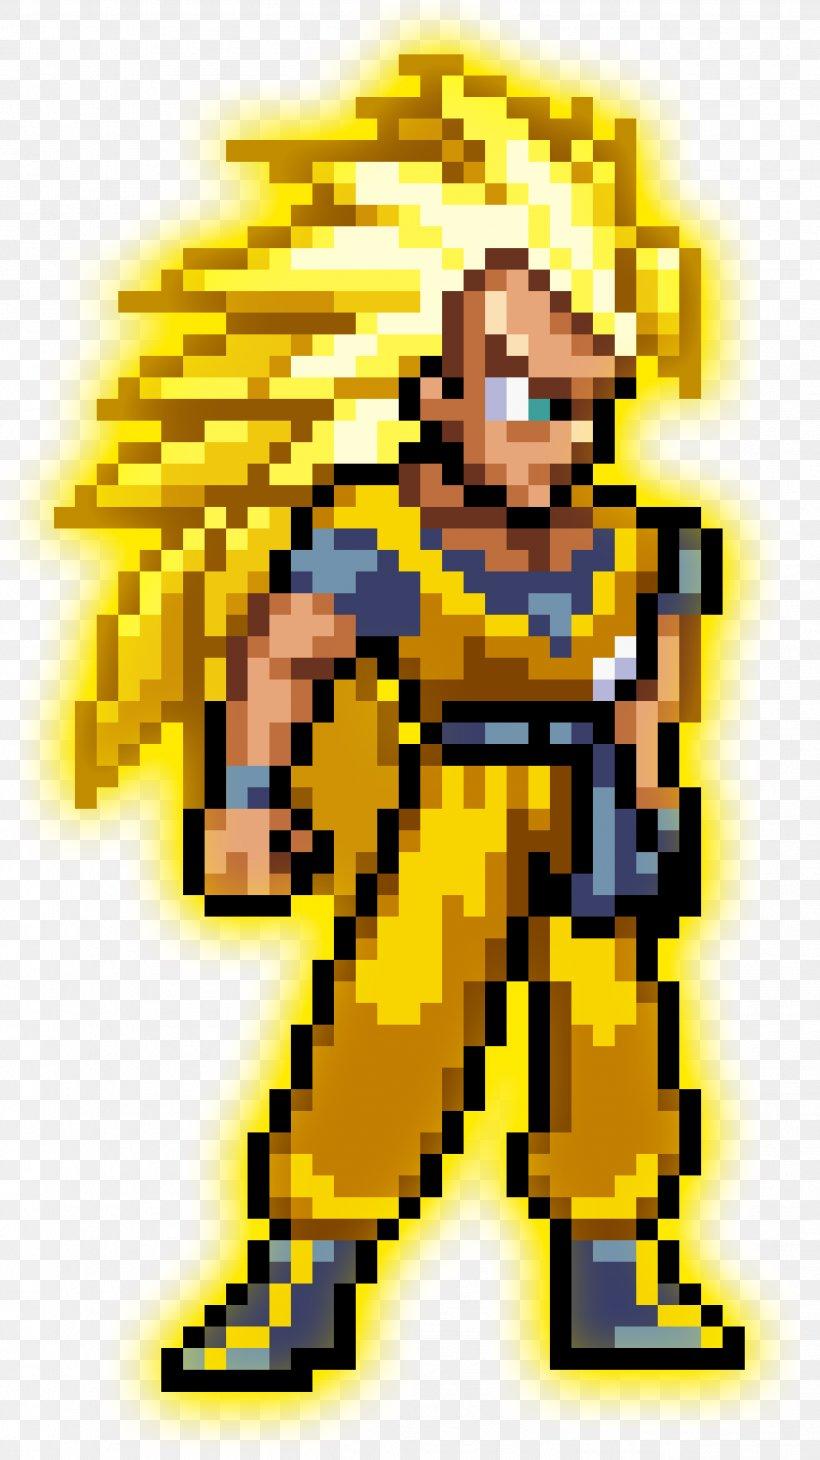 Goku Vegeta Super Saiyan Pixel Art Png 2517x4484px Goku